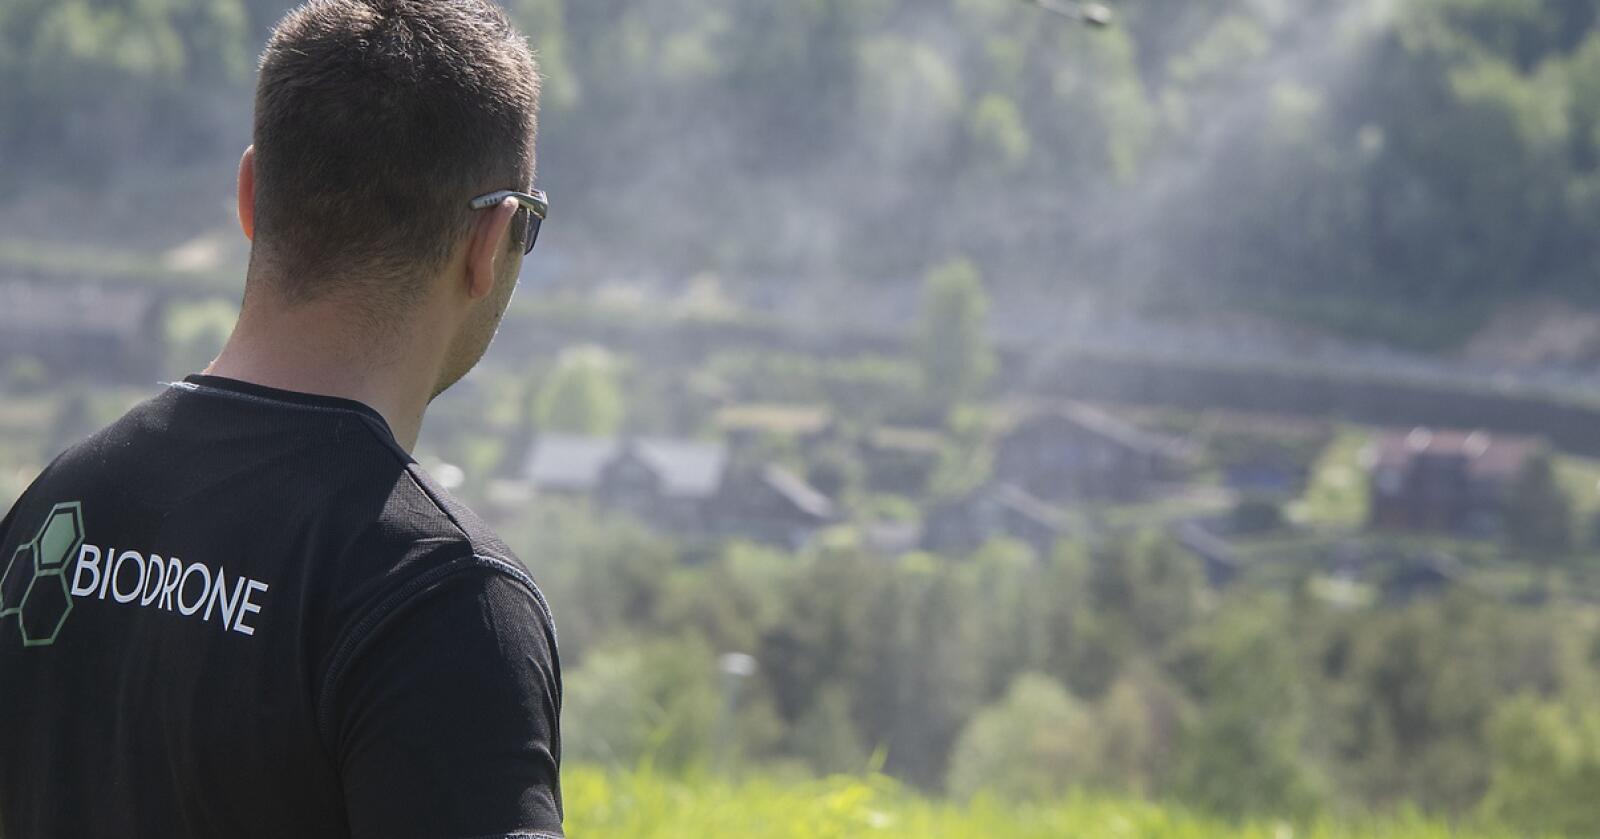 Droner er på full fart inn i landbruket og gjør såing, gjødsling og sprøyting mer bærekraftig, effektivt og miljøvennlig, sier Biodrione-leder Atilla Haugen. Foto: Bård Bårdløkken